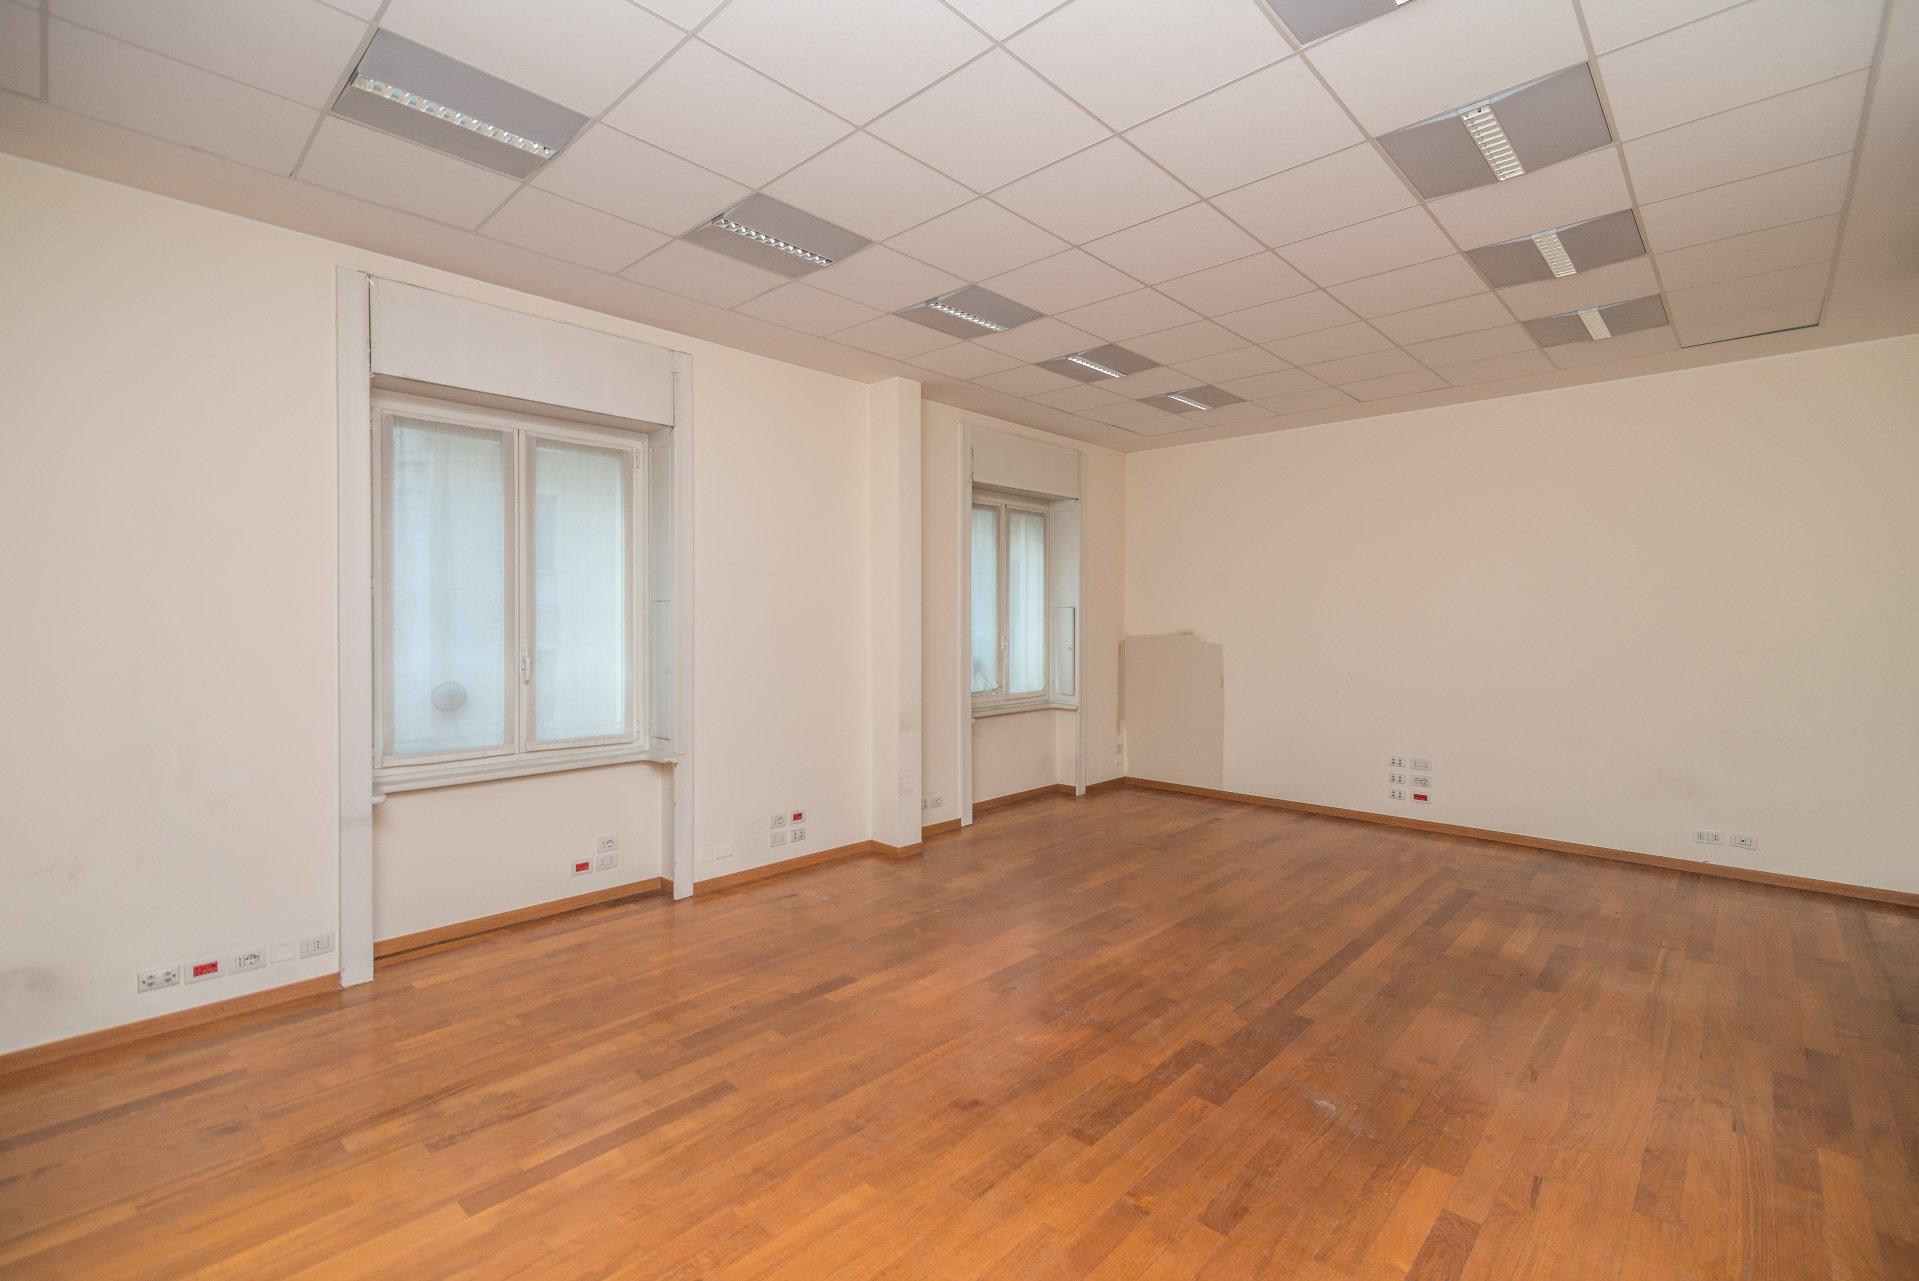 Annuncio affitto ufficio milano porta venezia 20100 for Affitto ufficio